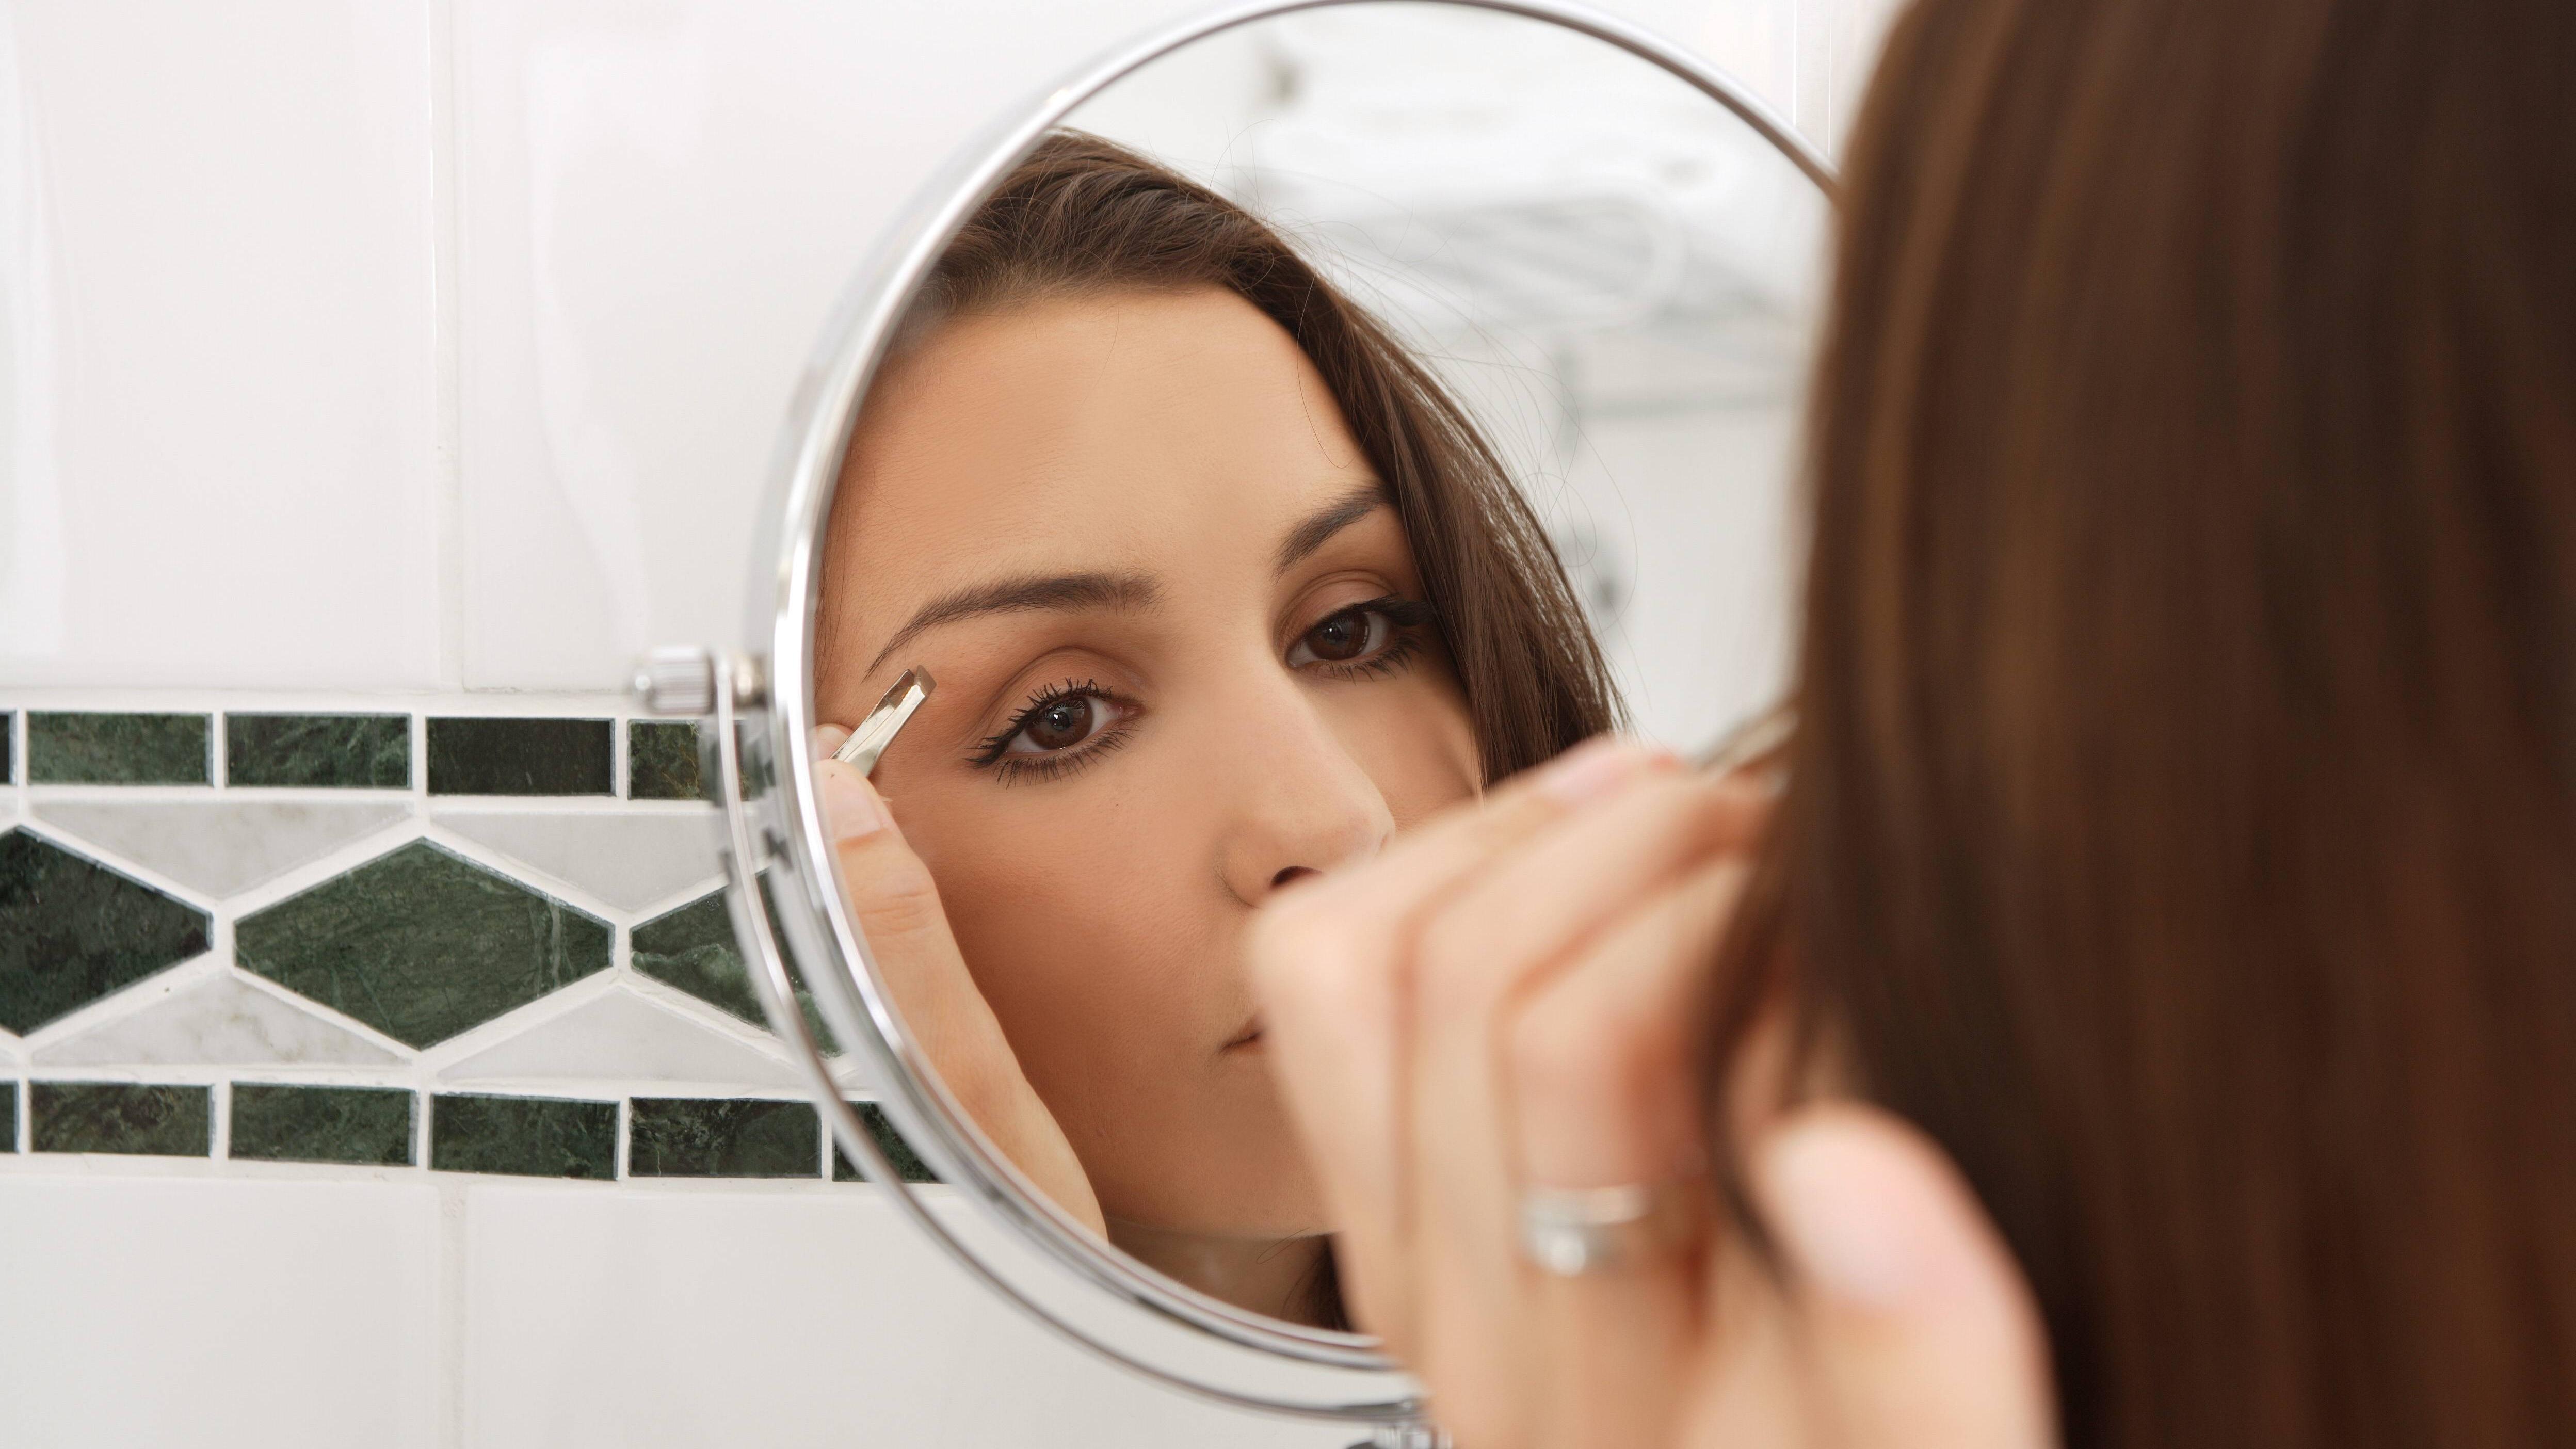 Dünne, nach oben gekämmte Augenbrauen heben Schlupflider optisch an.